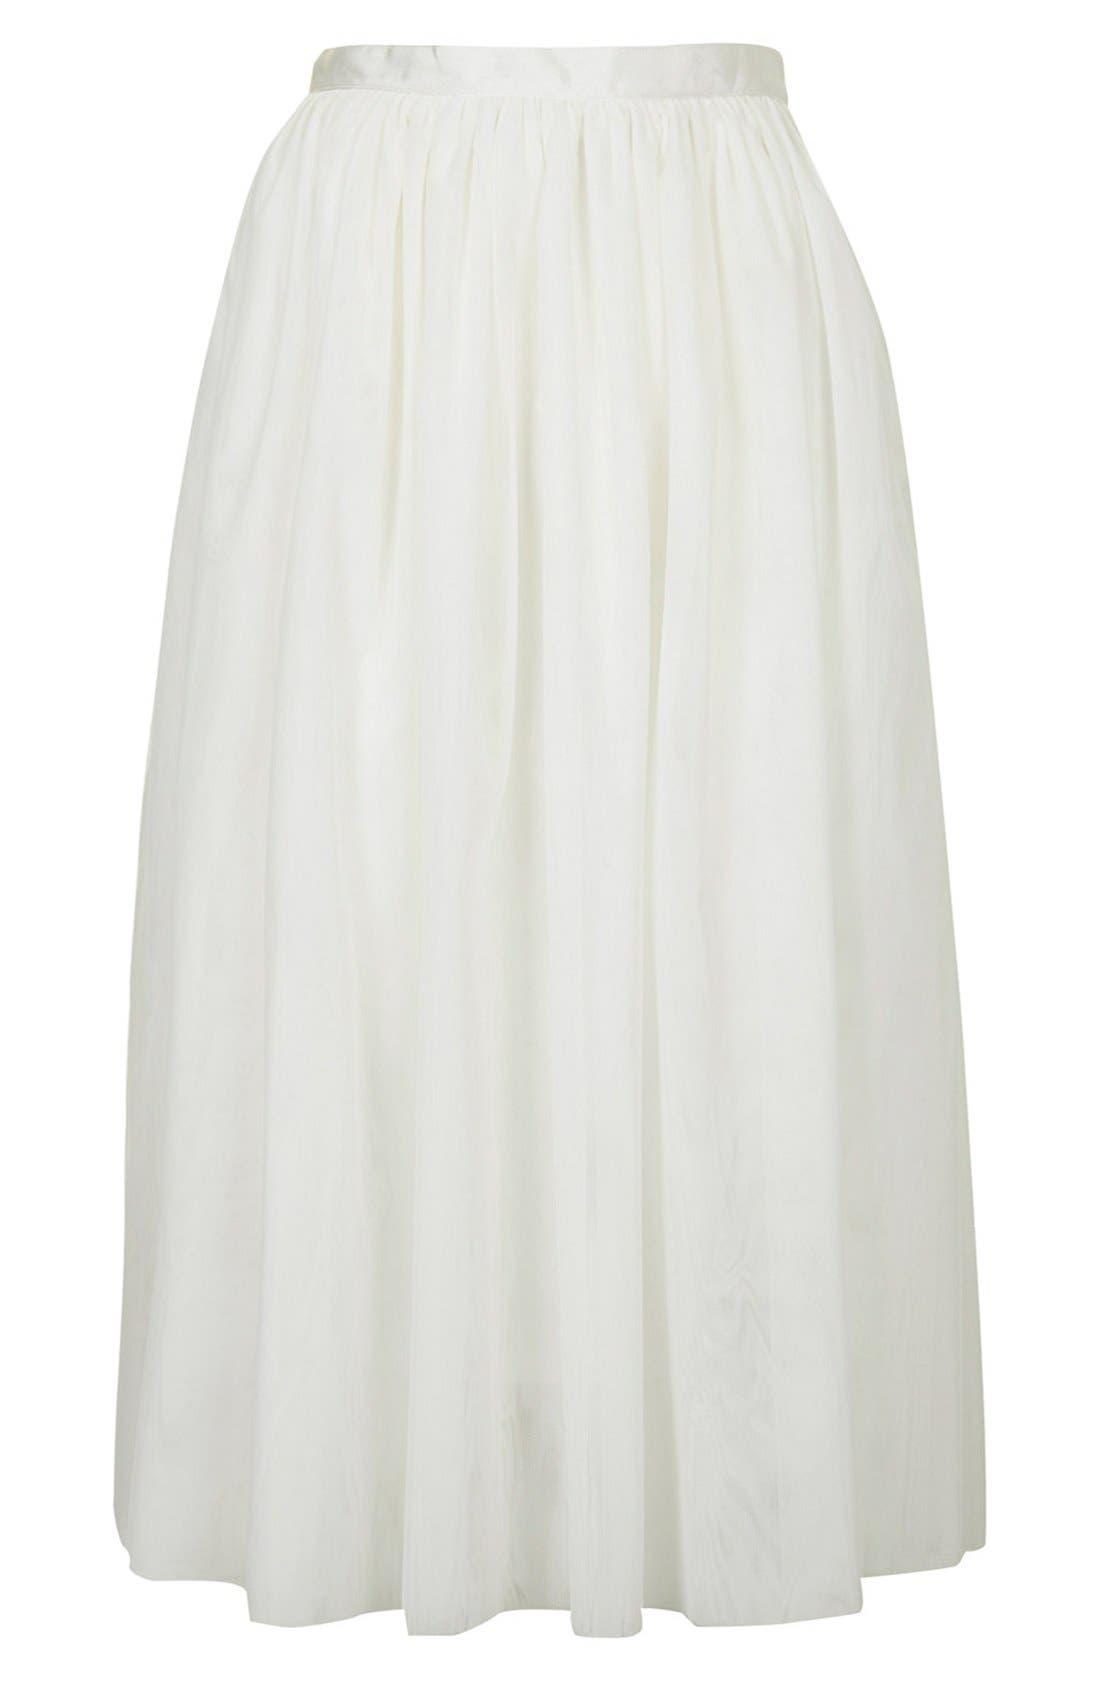 Alternate Image 3  - Topshop Ballerina Tulle Skirt